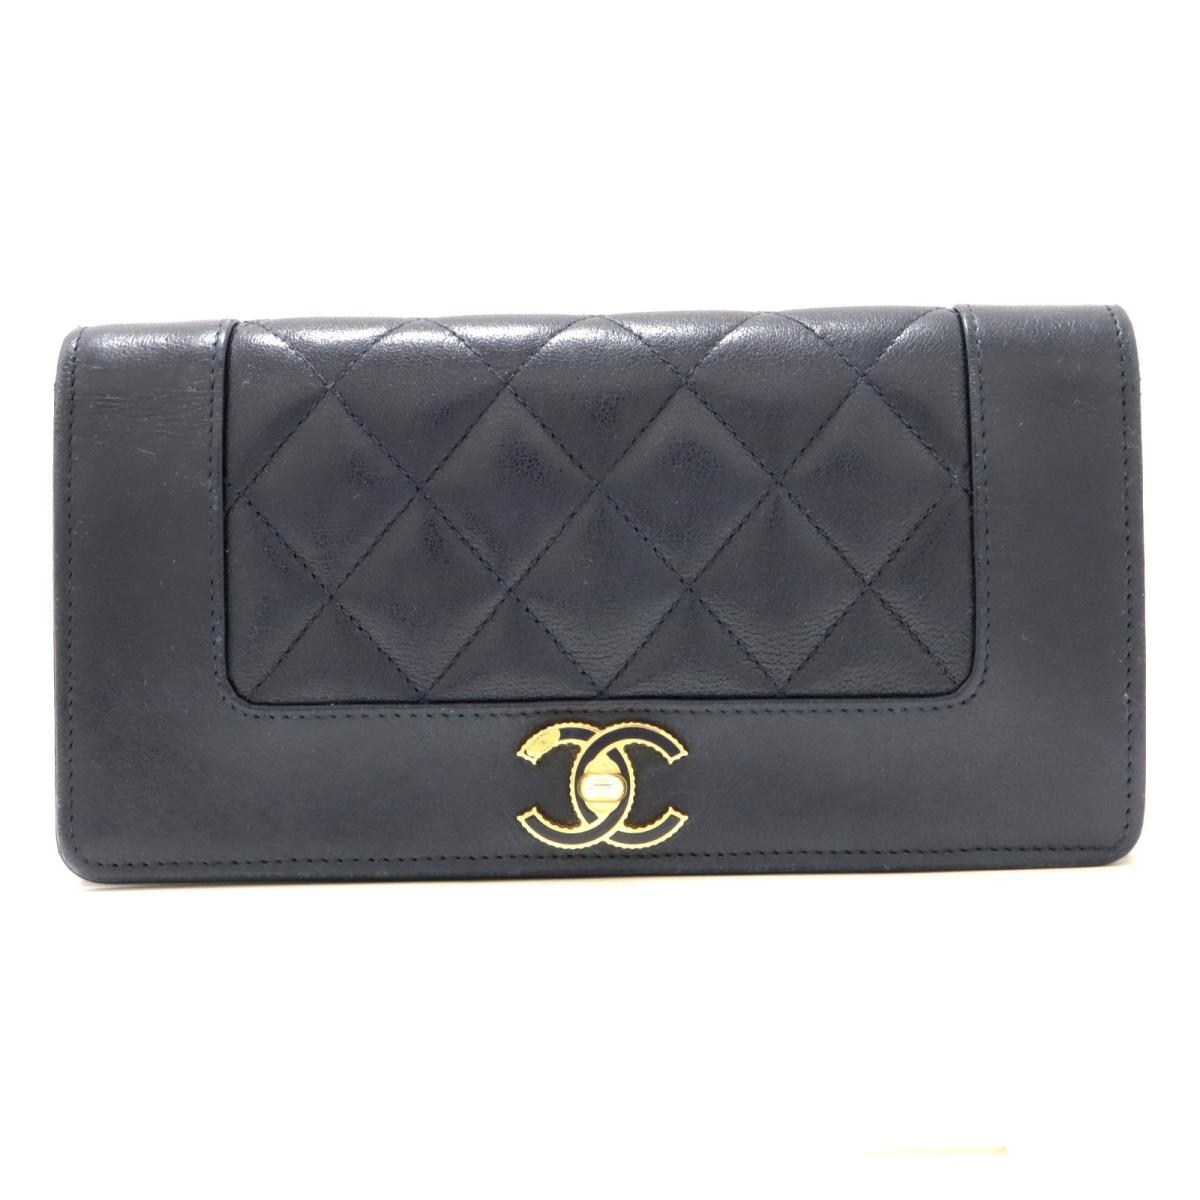 【おすすめ!】ヴィンテージ マドモアゼルフラップ ウォレット 二つ折長財布 長財布